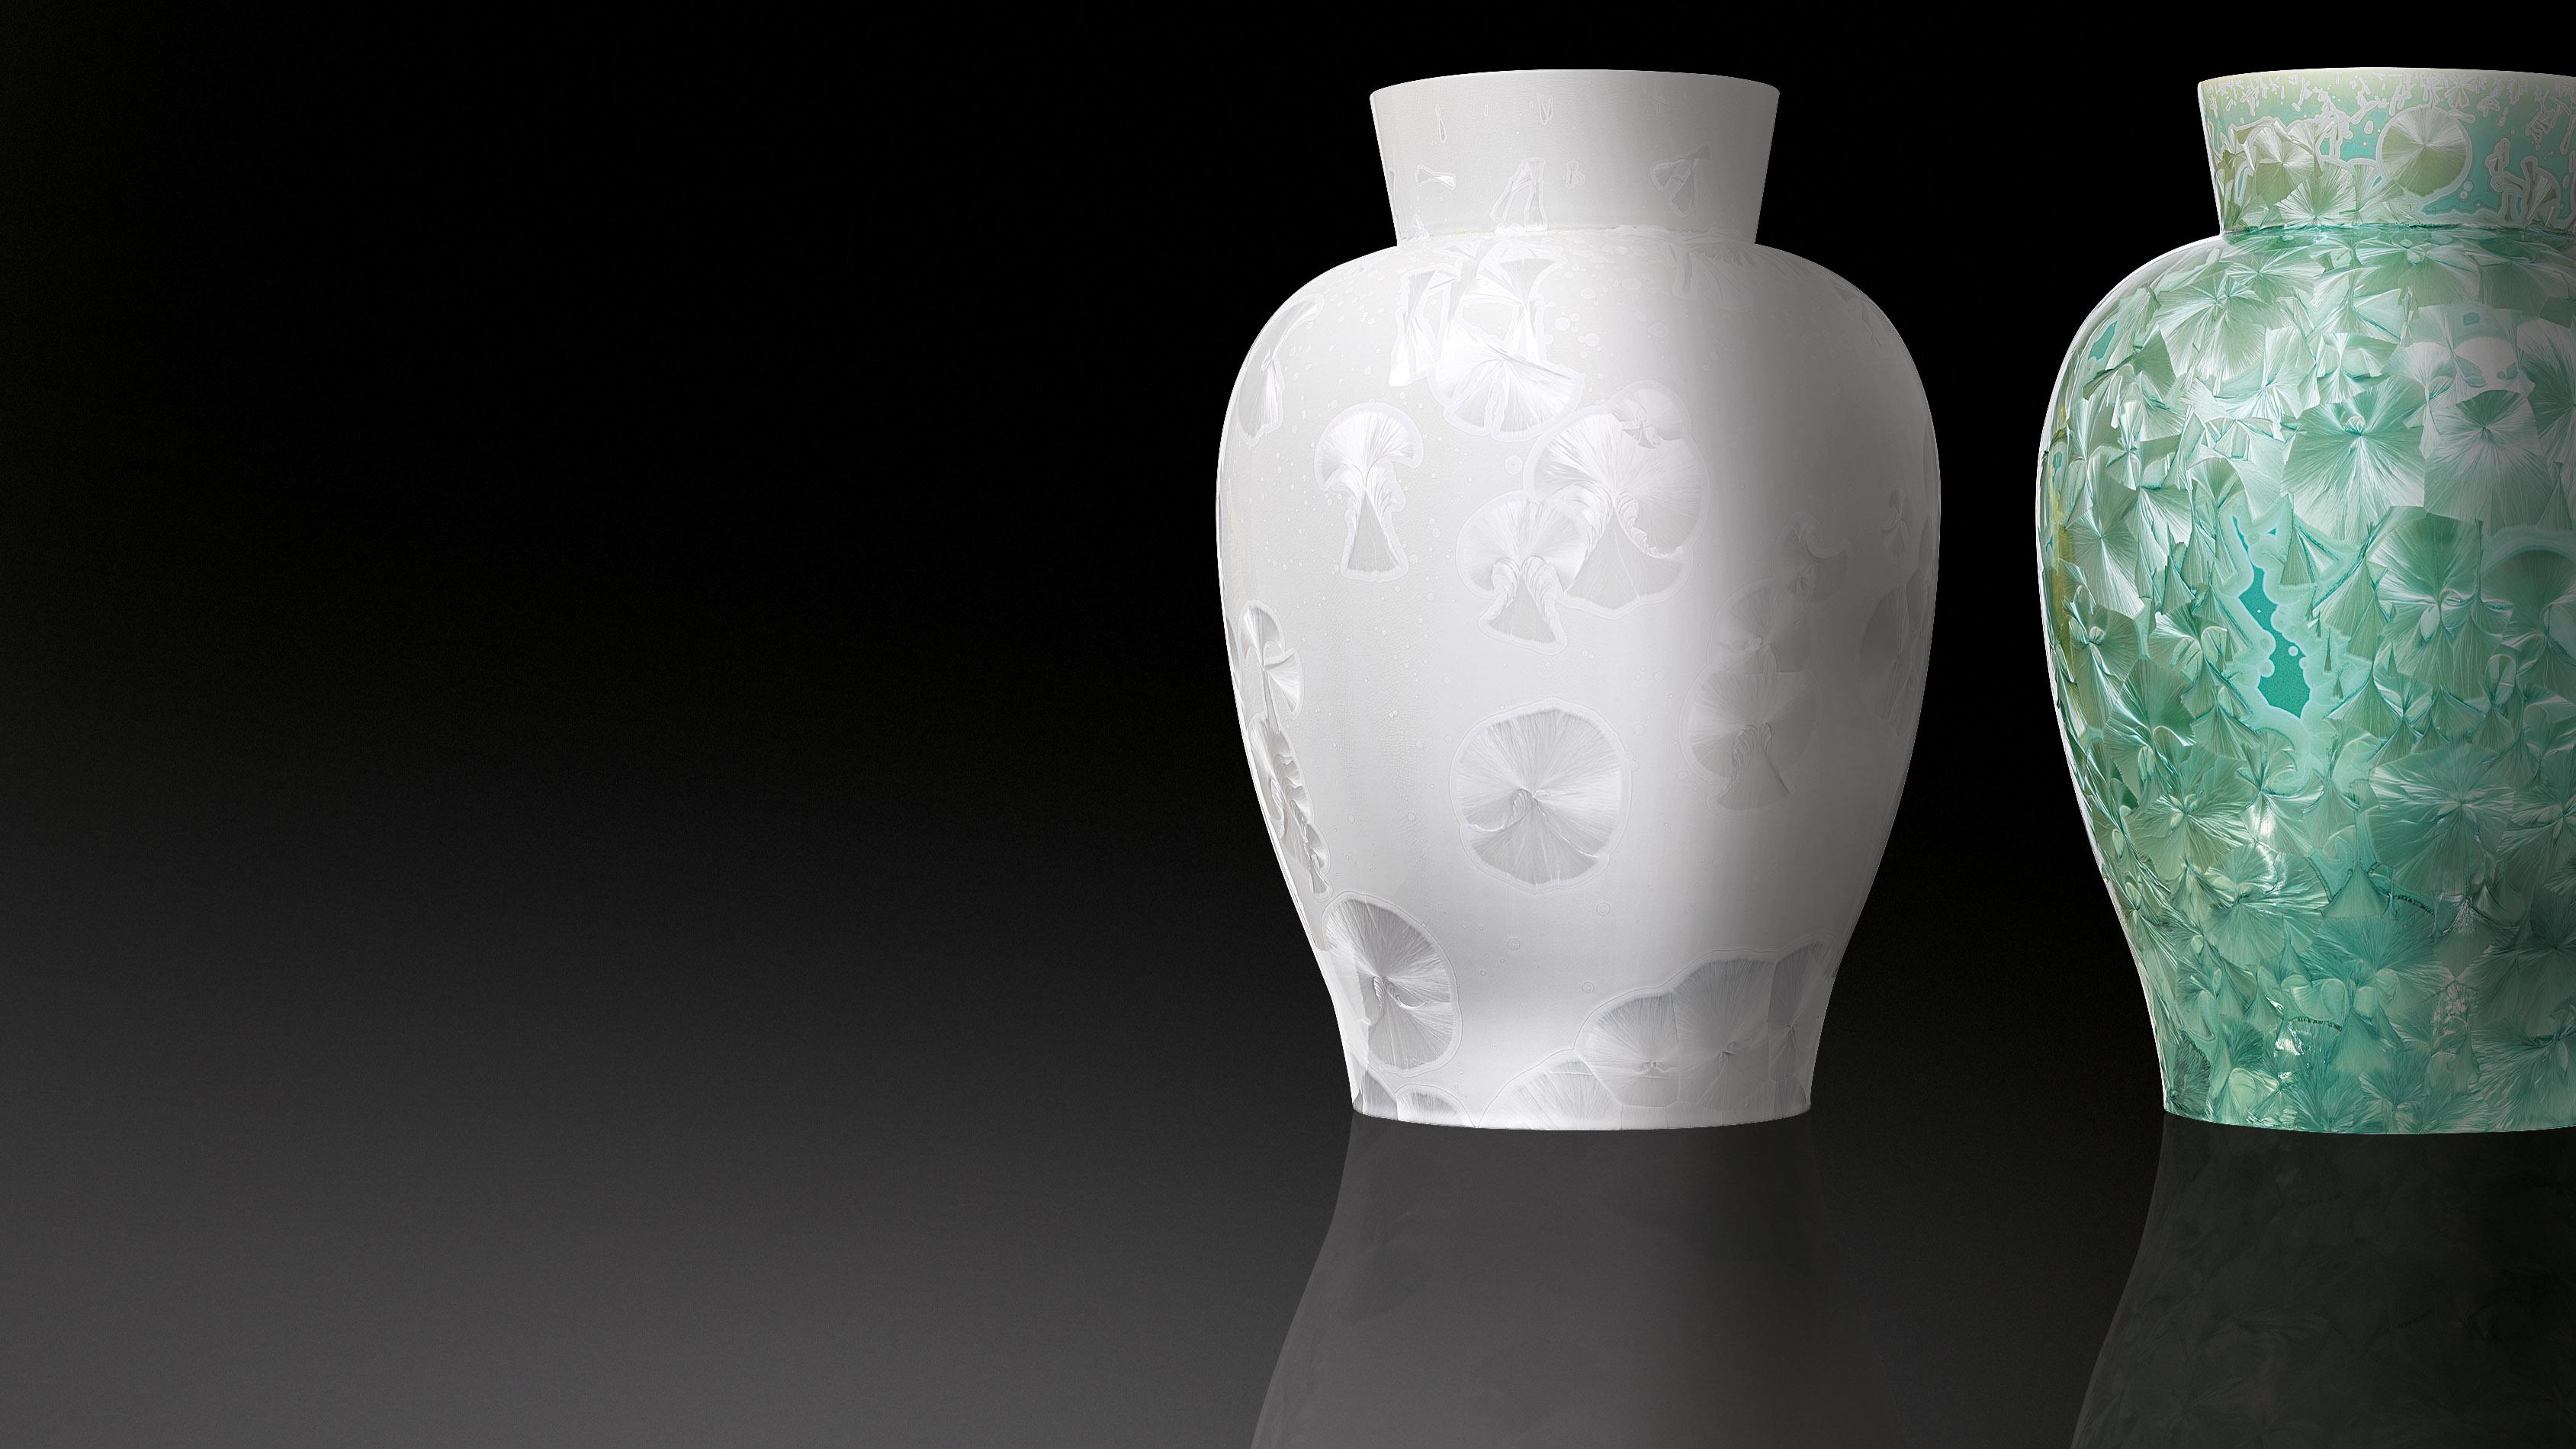 Soltiare vases